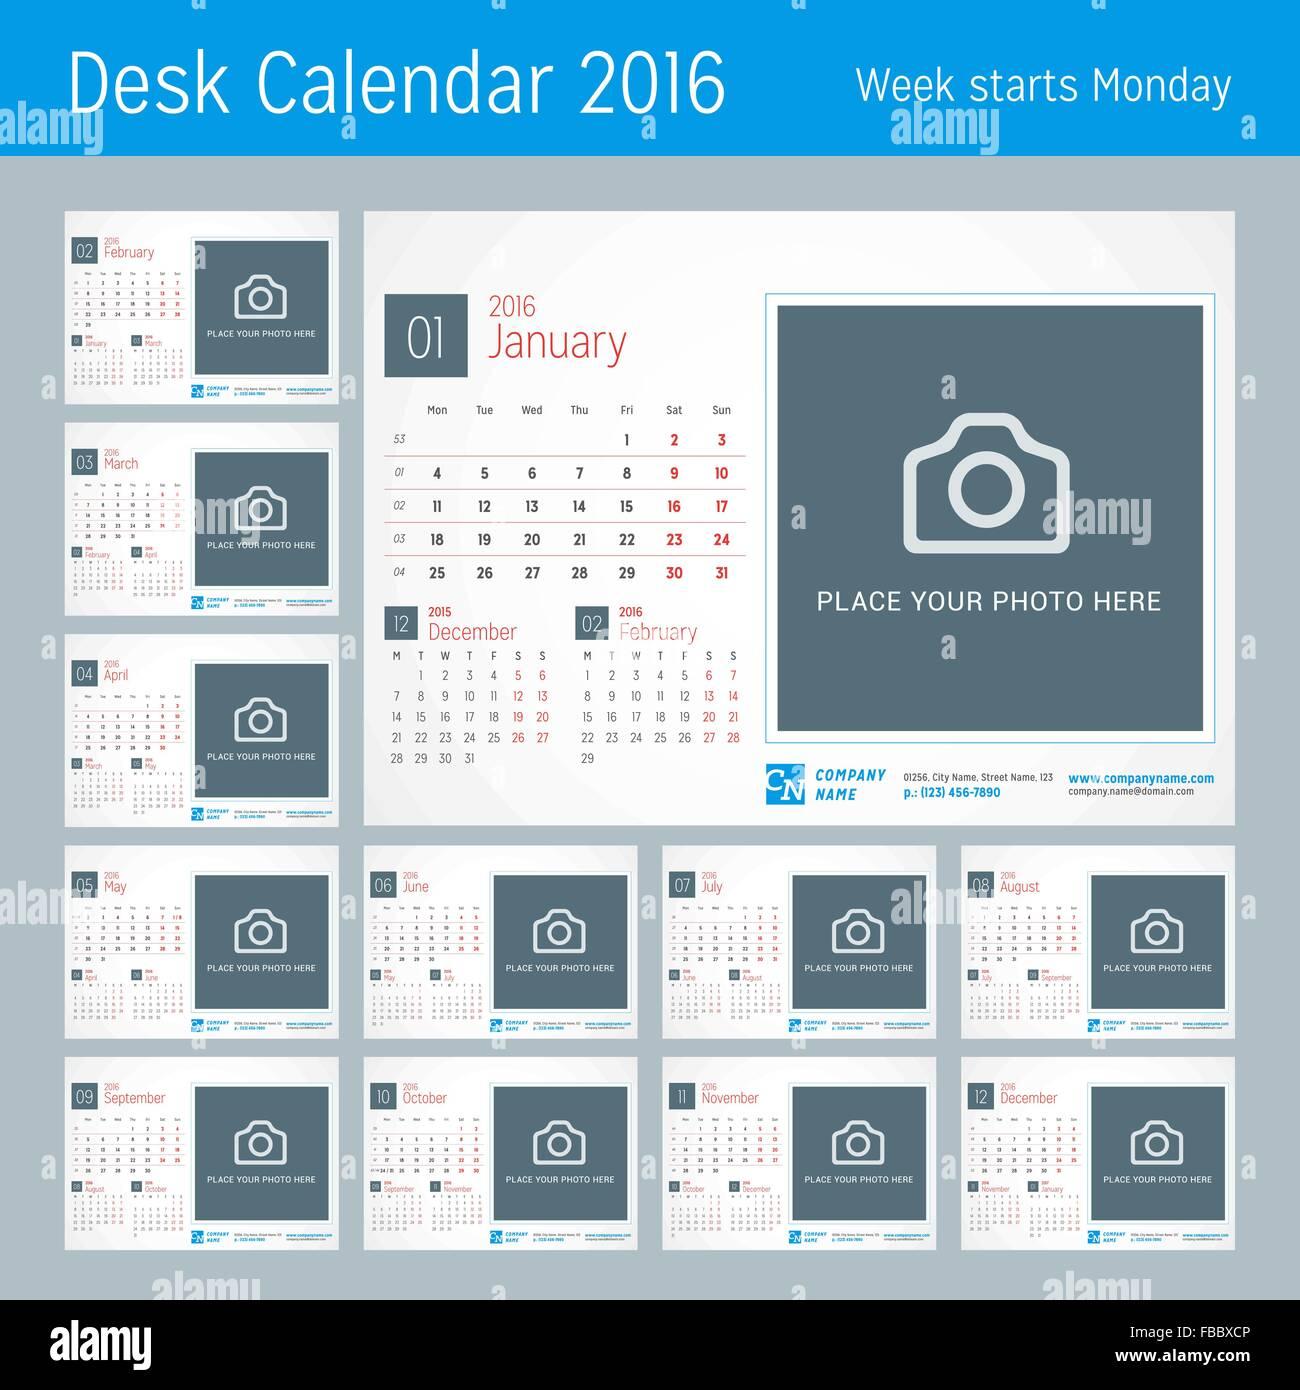 October 2016 Desk Calendar 2016 Stockfotos & October 2016 Desk ...